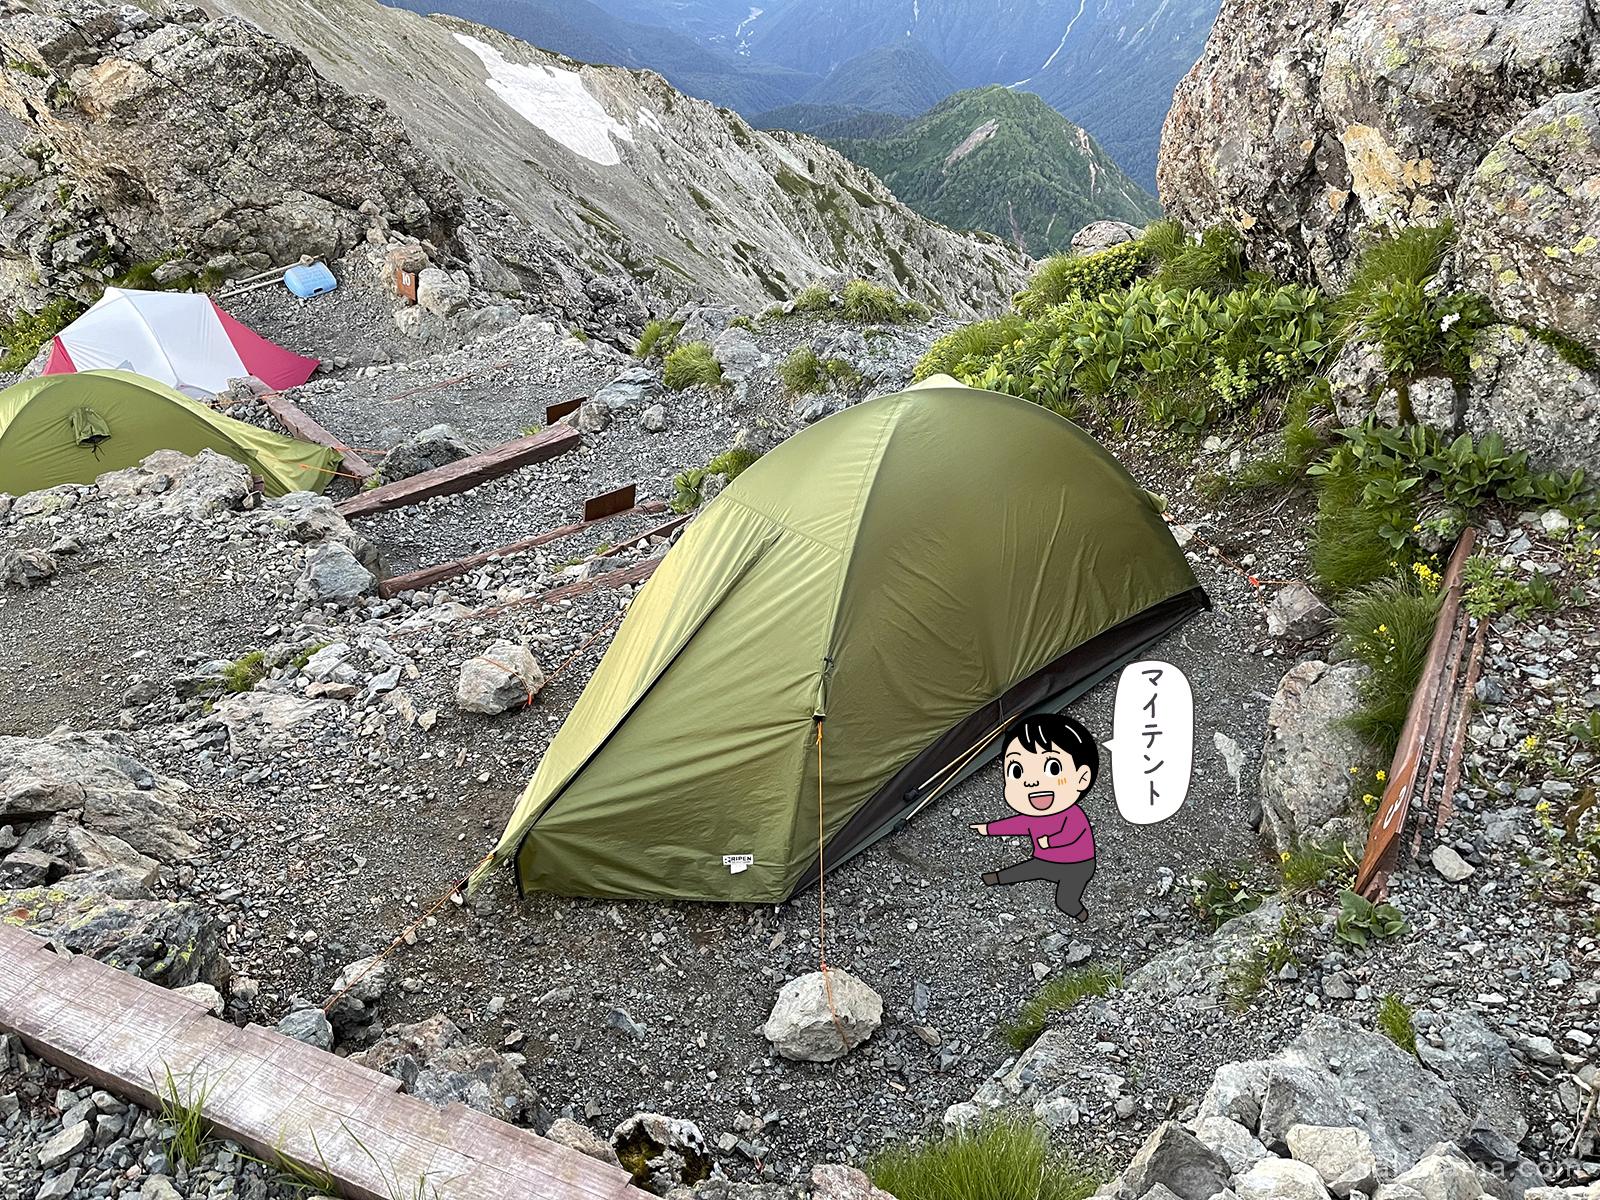 槍ヶ岳山荘のテント場に張ったテント